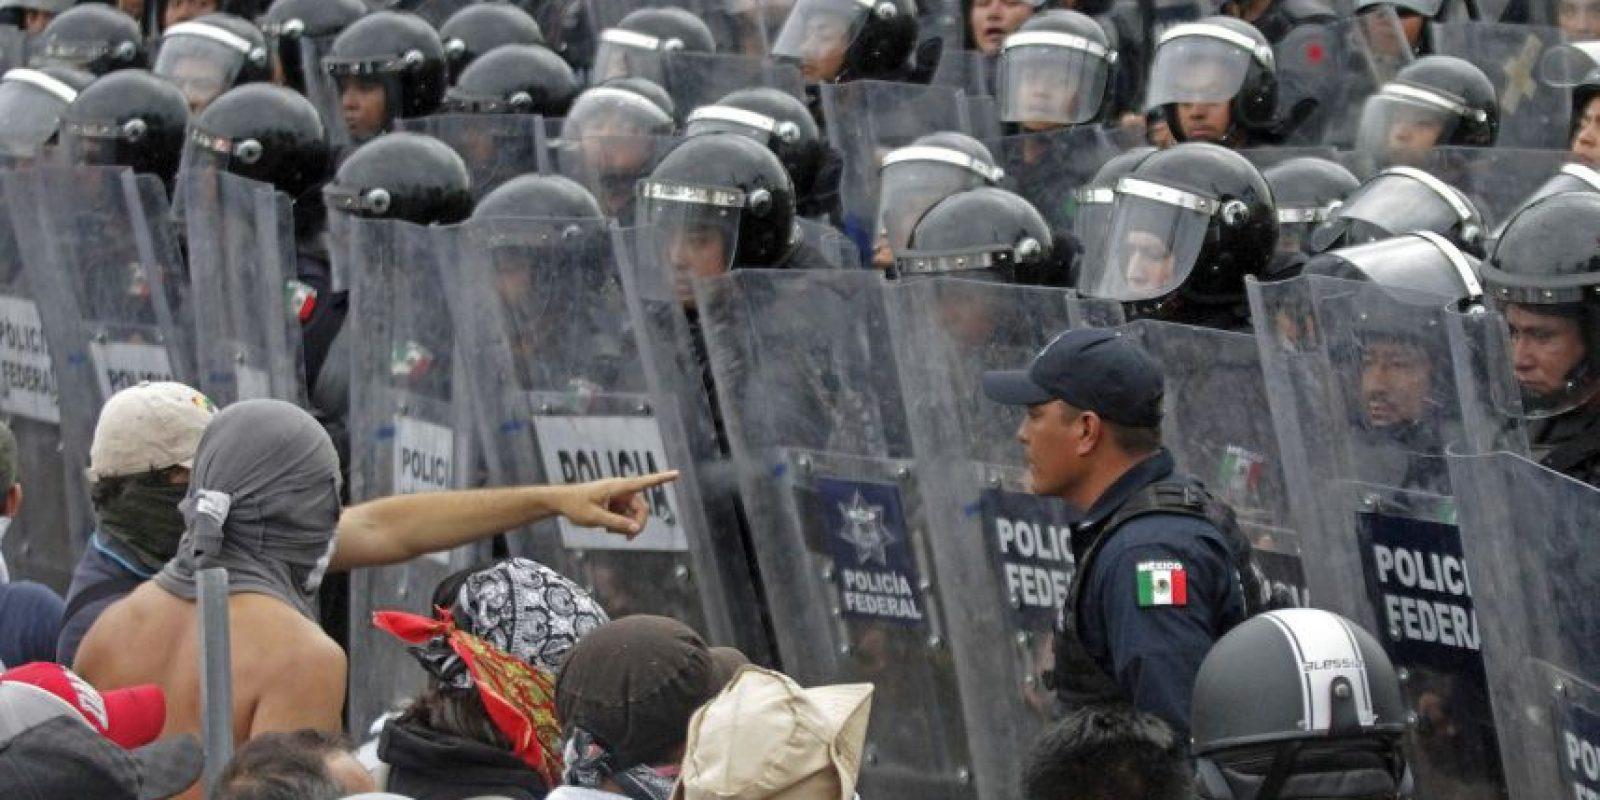 Decenas de personas, entre ellos el ahora ex alcalde de Iguala, José Luis Abarca, su esposa María de Los Ángeles Pineda. Foto:AFP